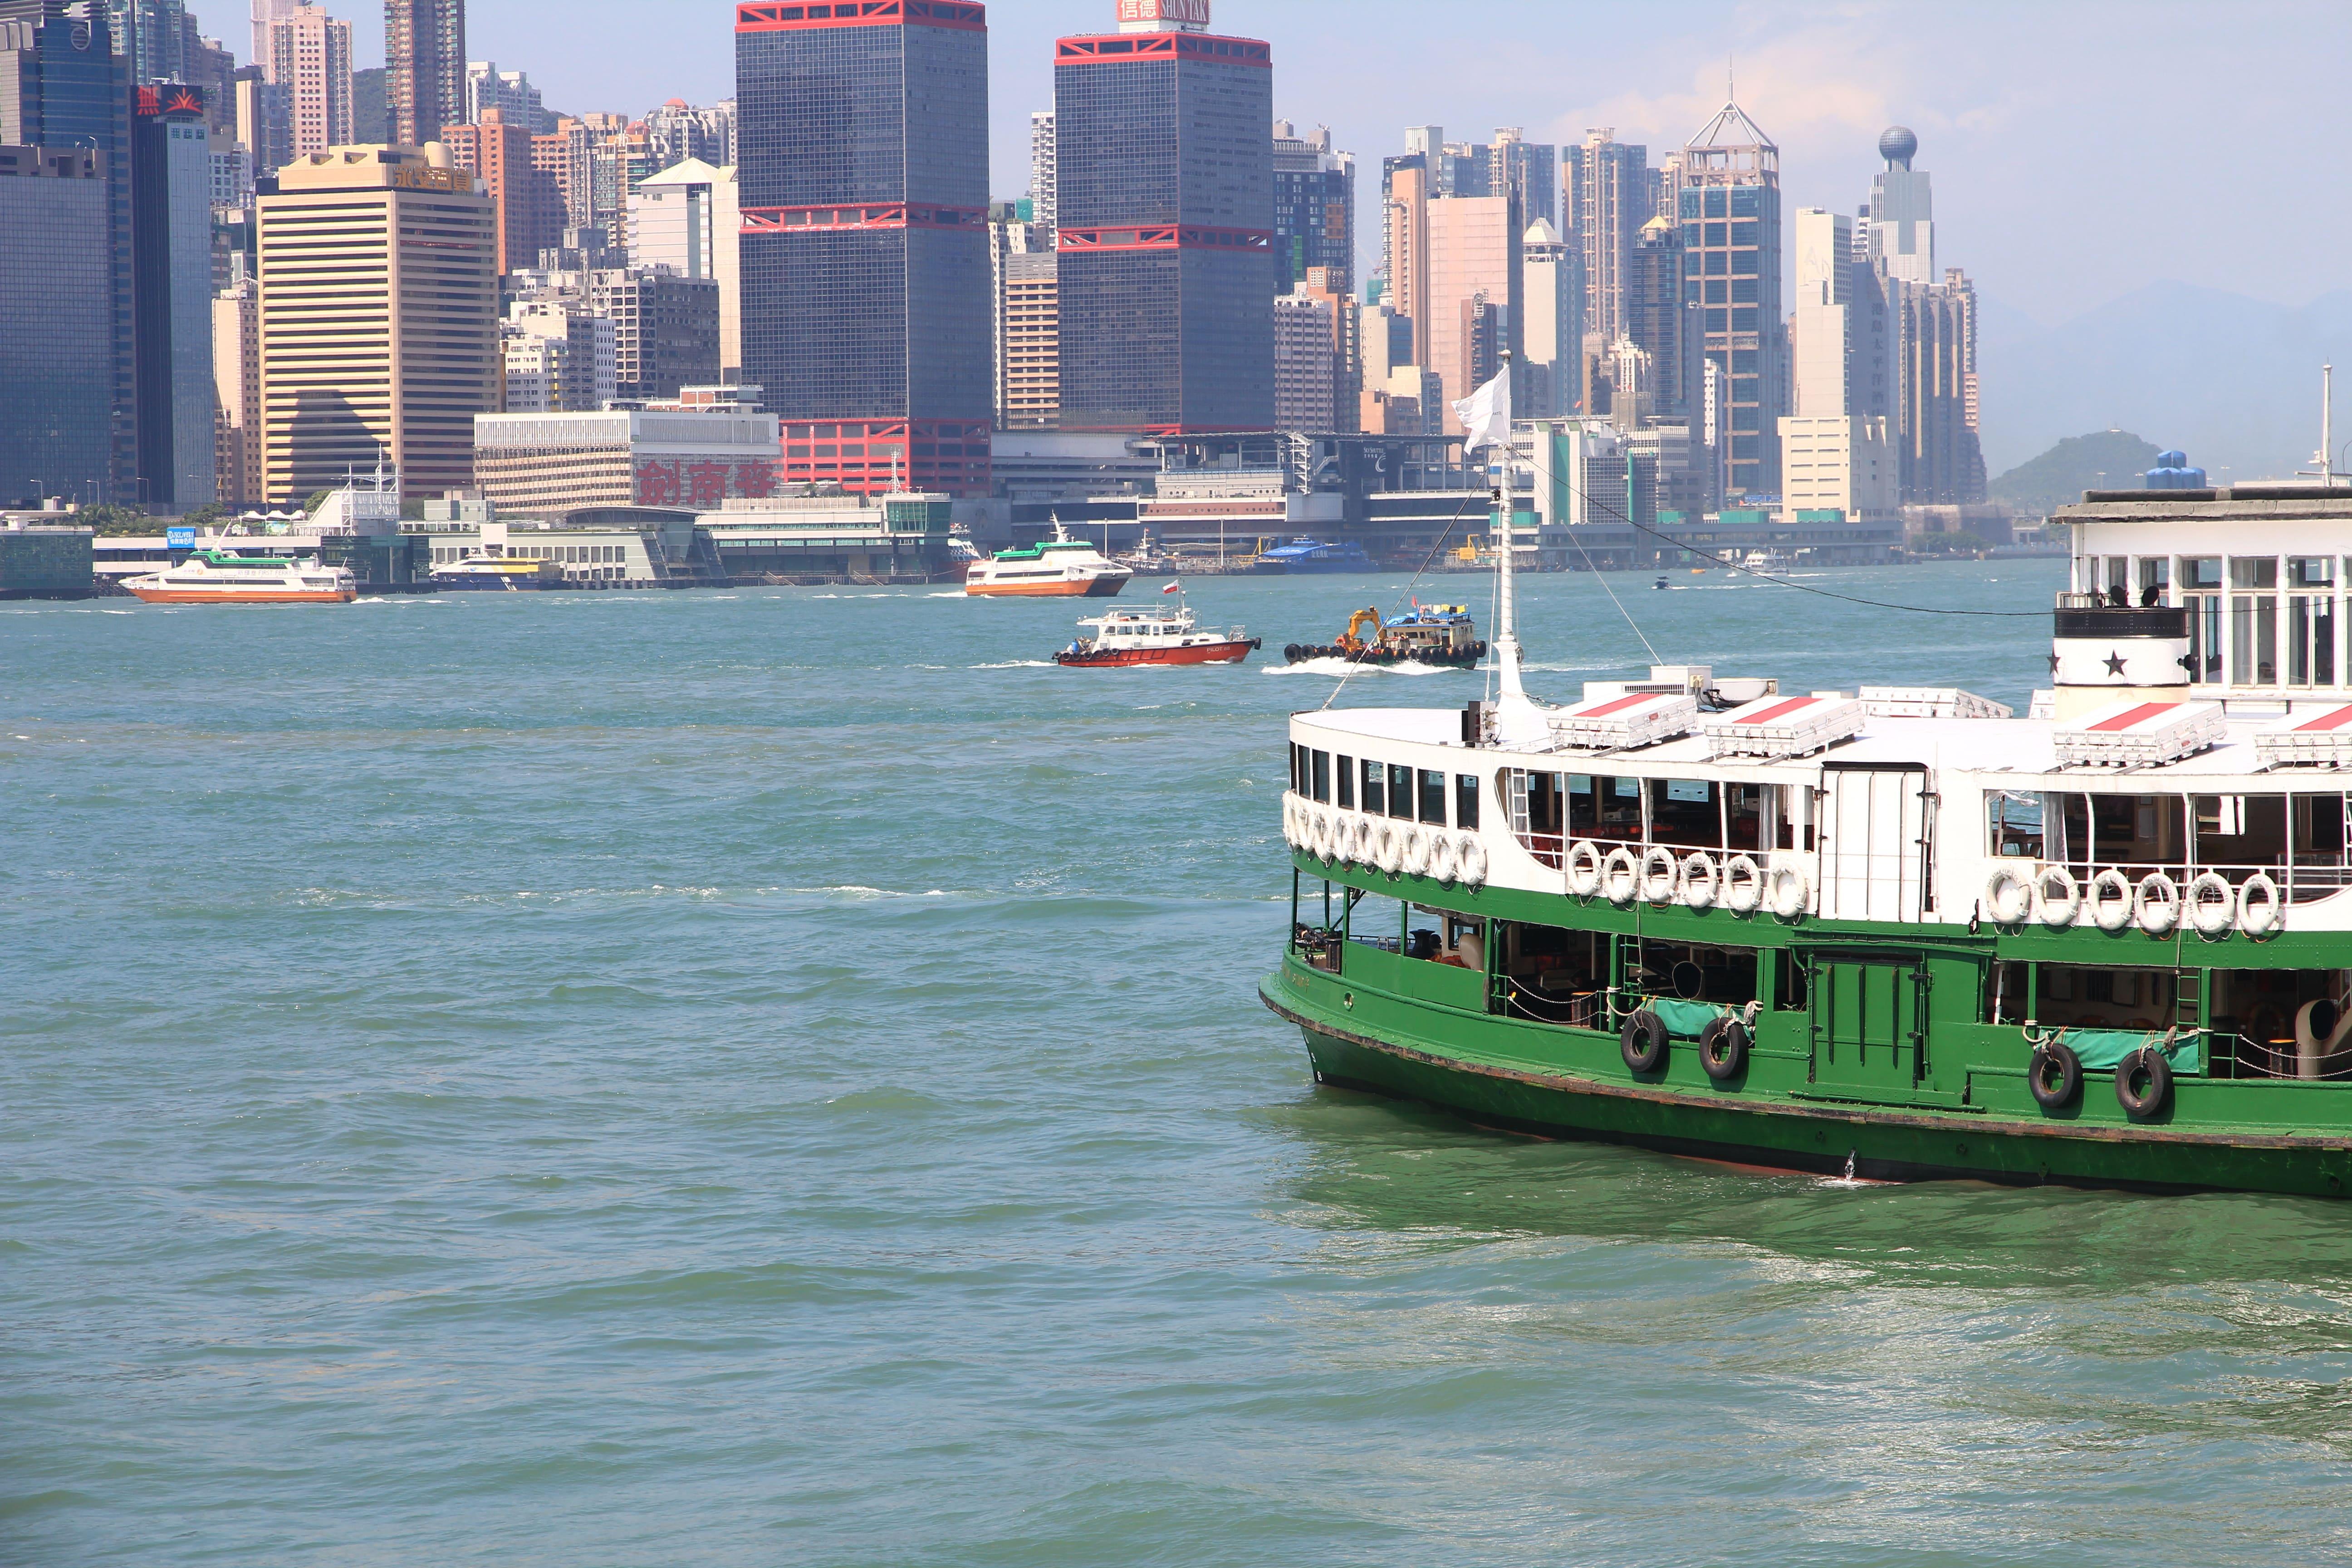 Take a Free Ferry Ride